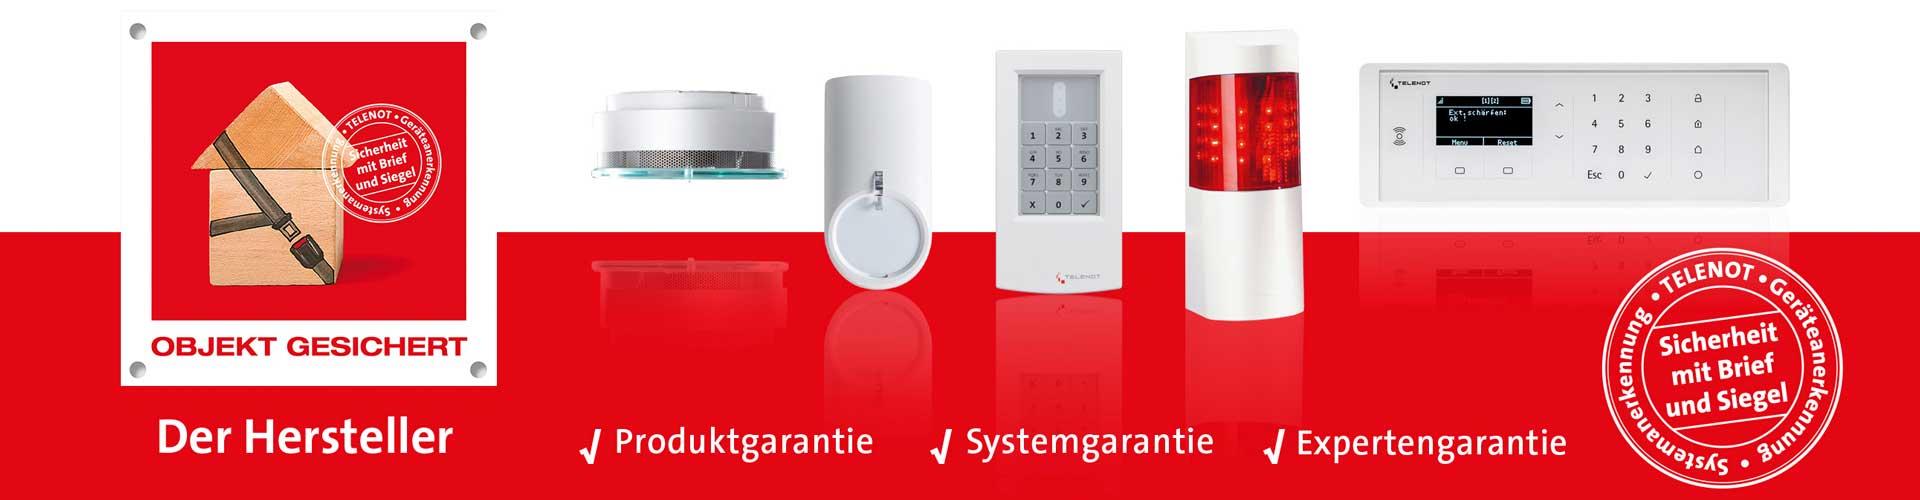 Protectura Partnerschaft Telenot VDS